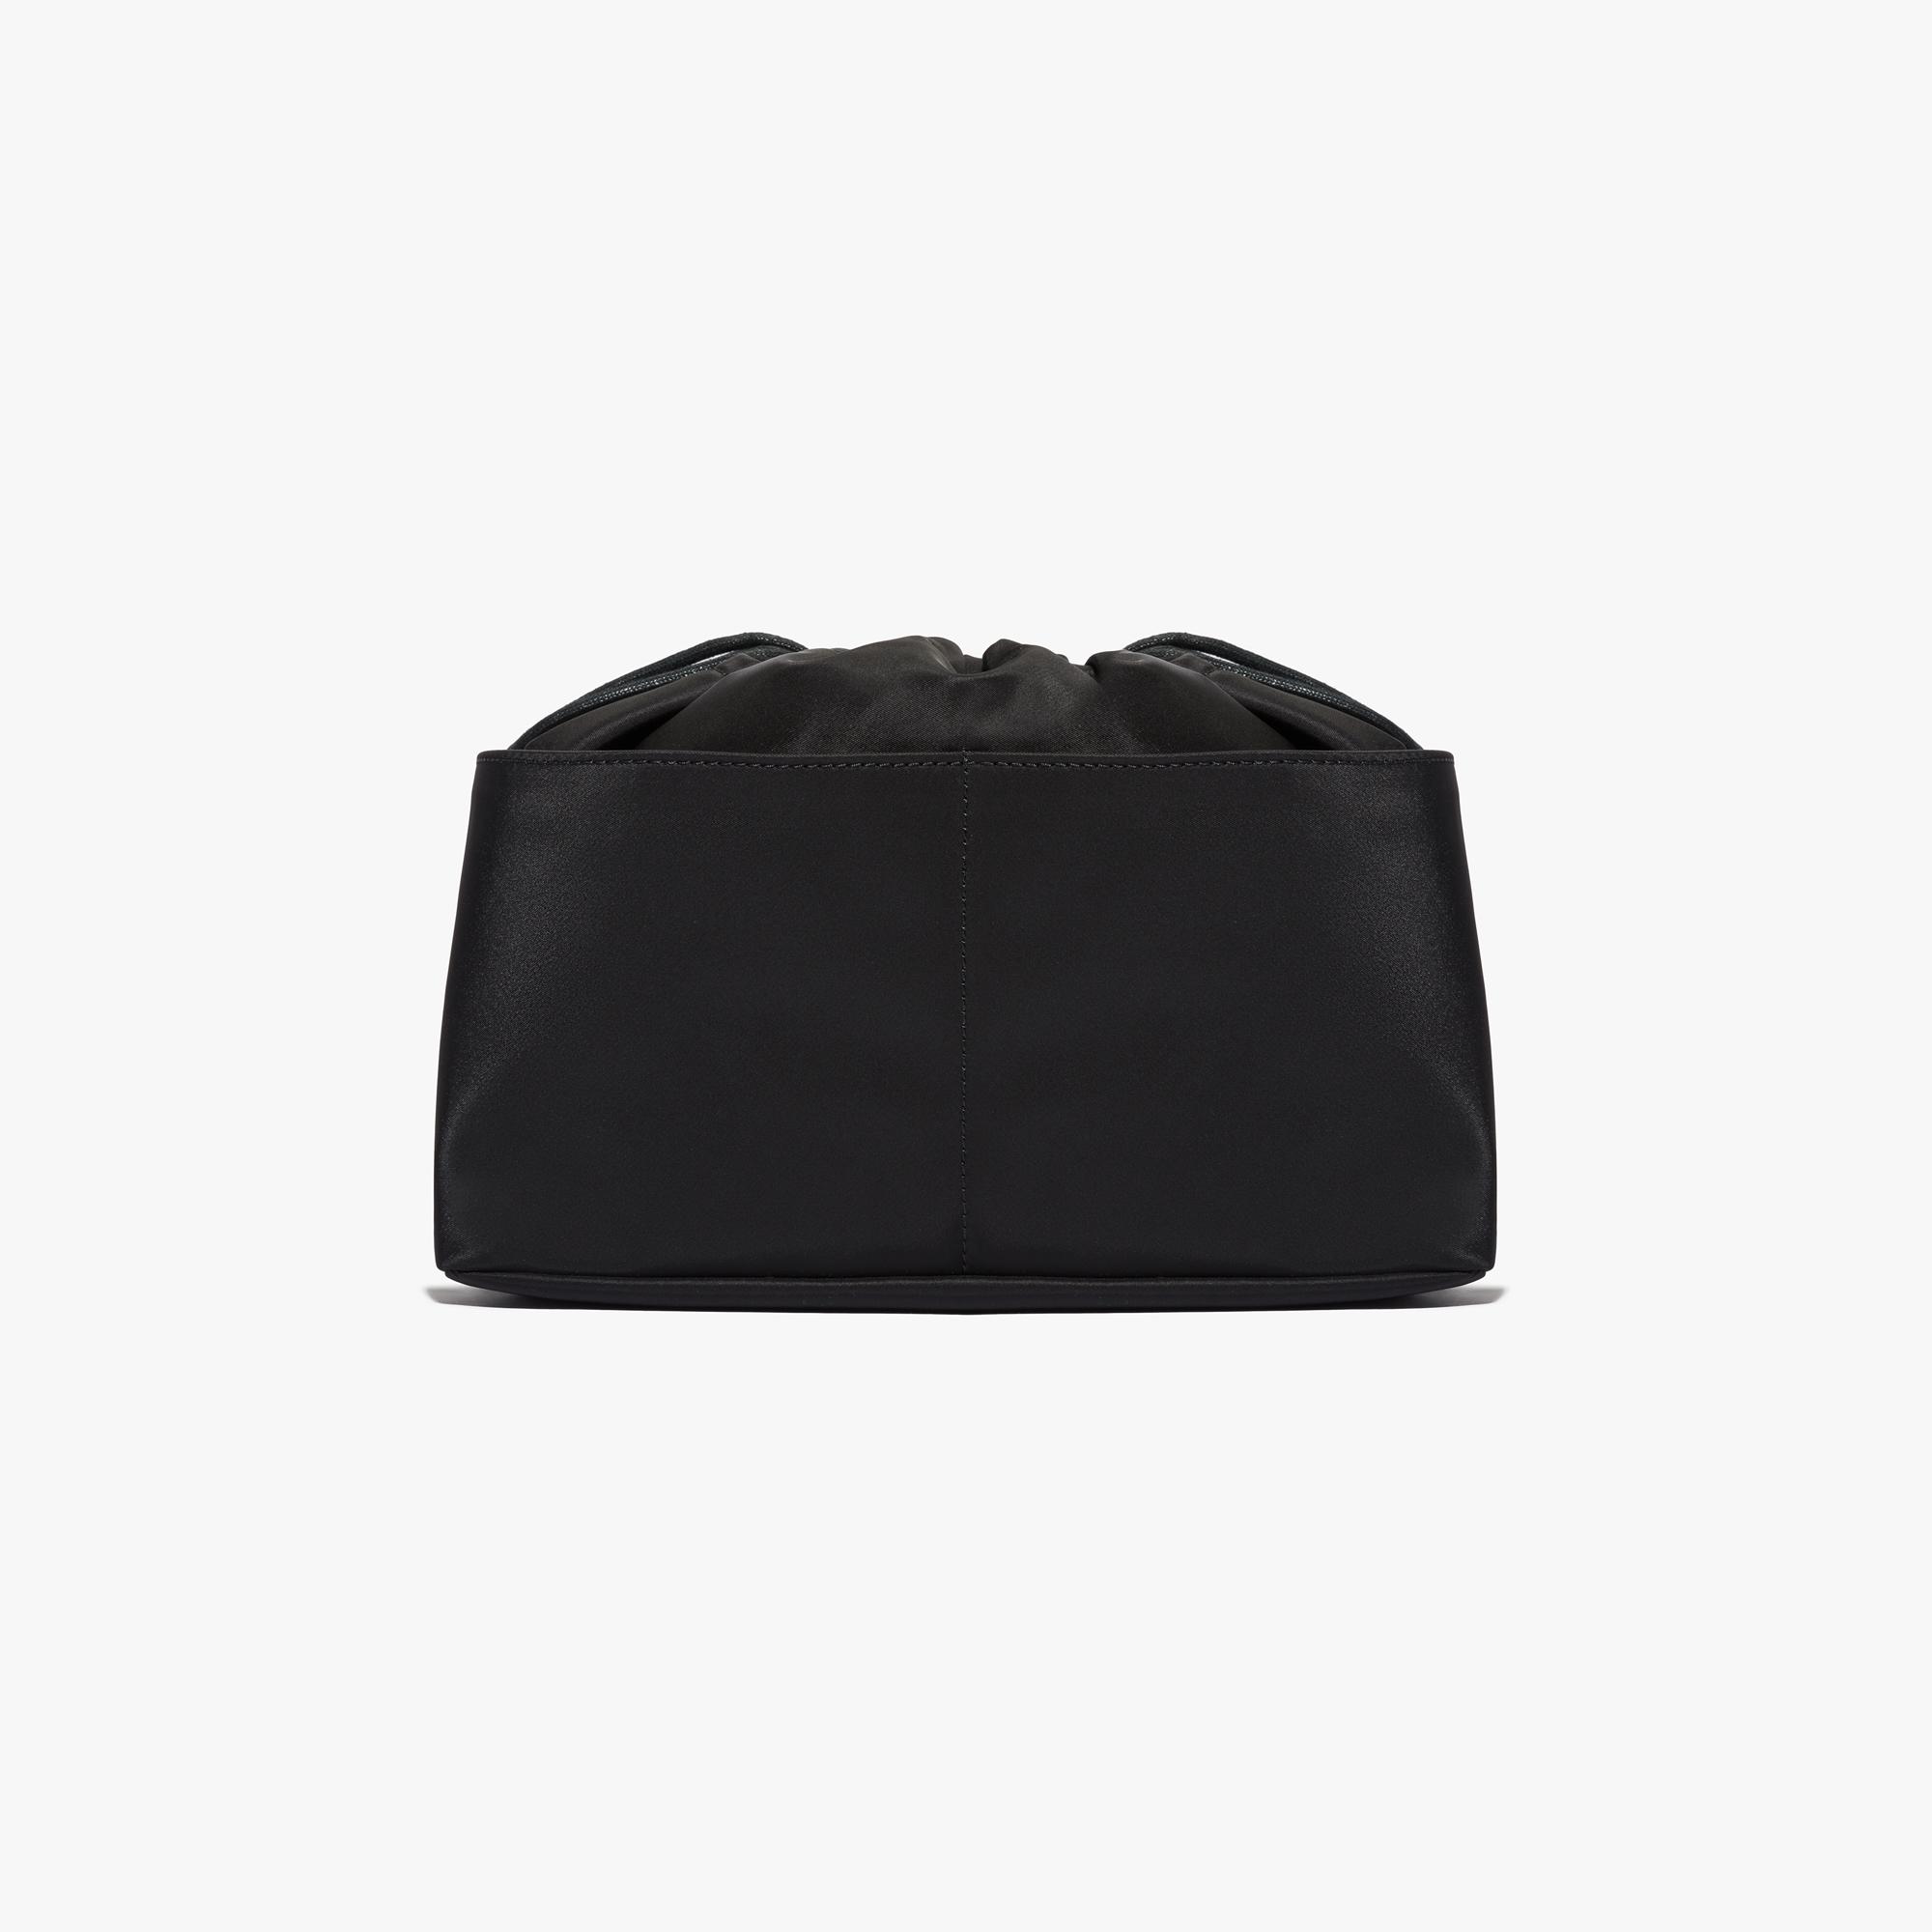 Coccinelle Organizer bag in nylon fabric